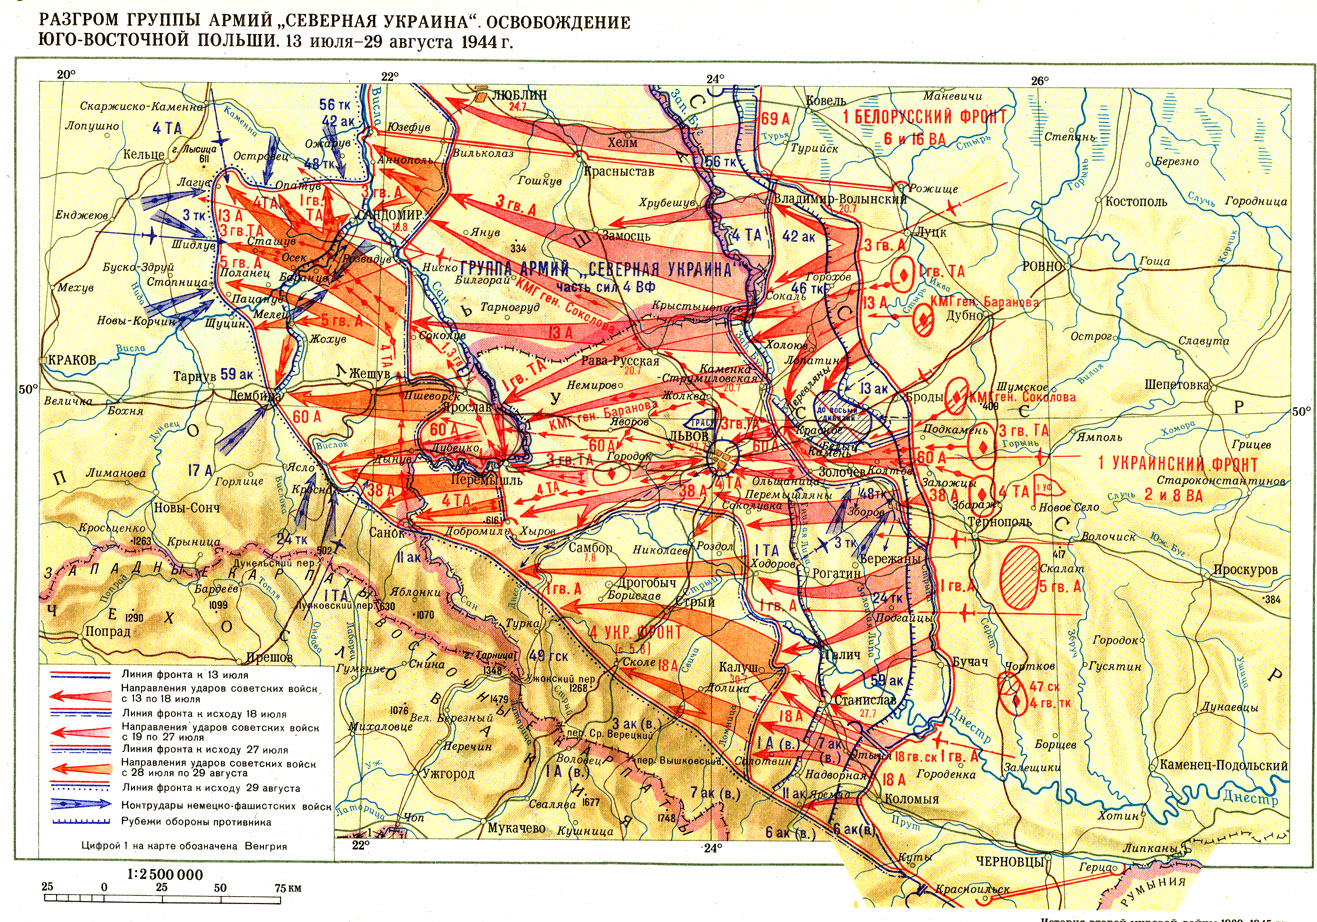 """Разгром группы армий  """"Северная Украина """".  Освобождение Юго-Восточной Польши.  13 июля-29 августа 1944 г."""